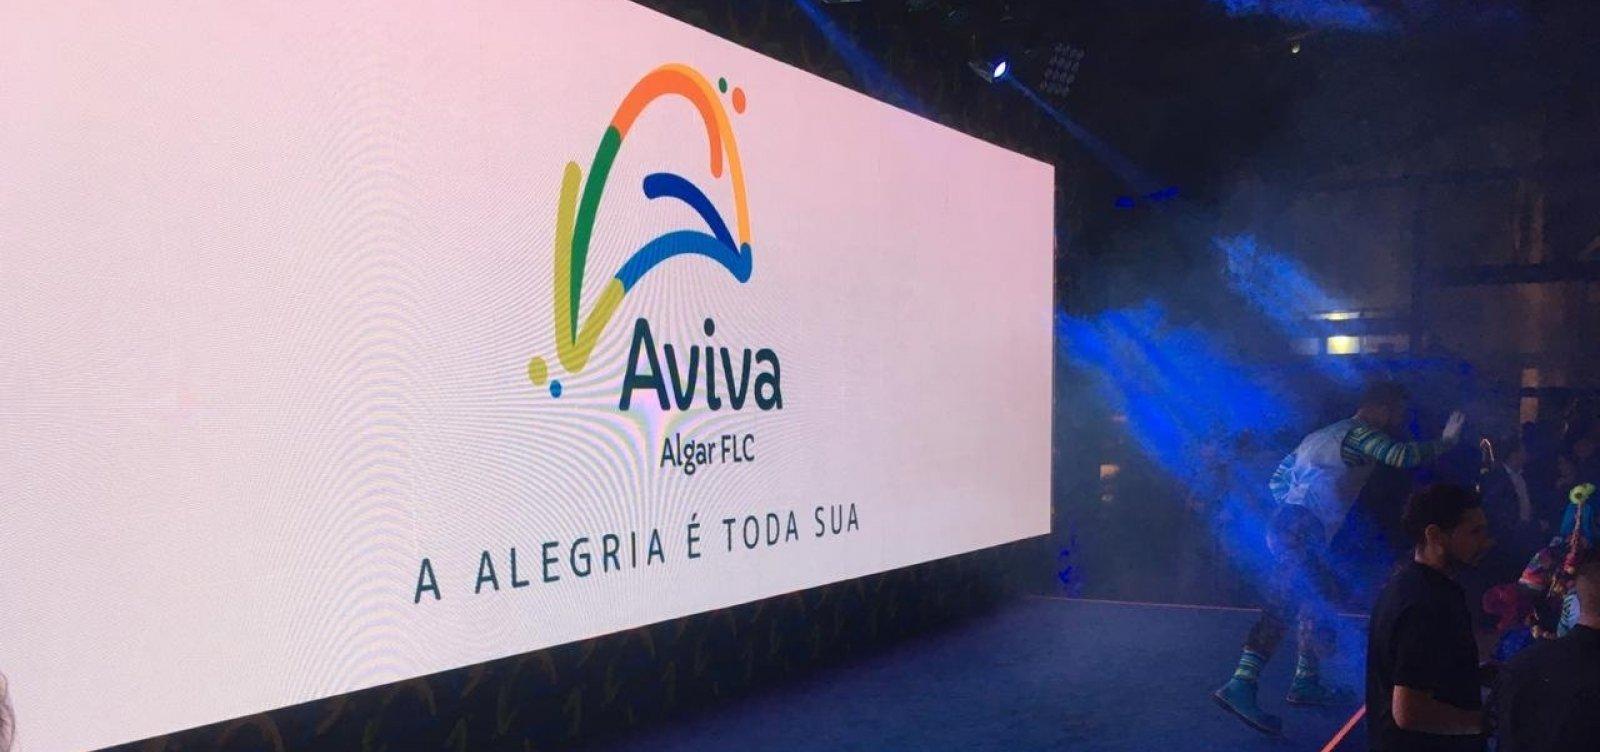 Grupo Aviva estreia na Bahia com mais de R$ 600 mi em investimentos